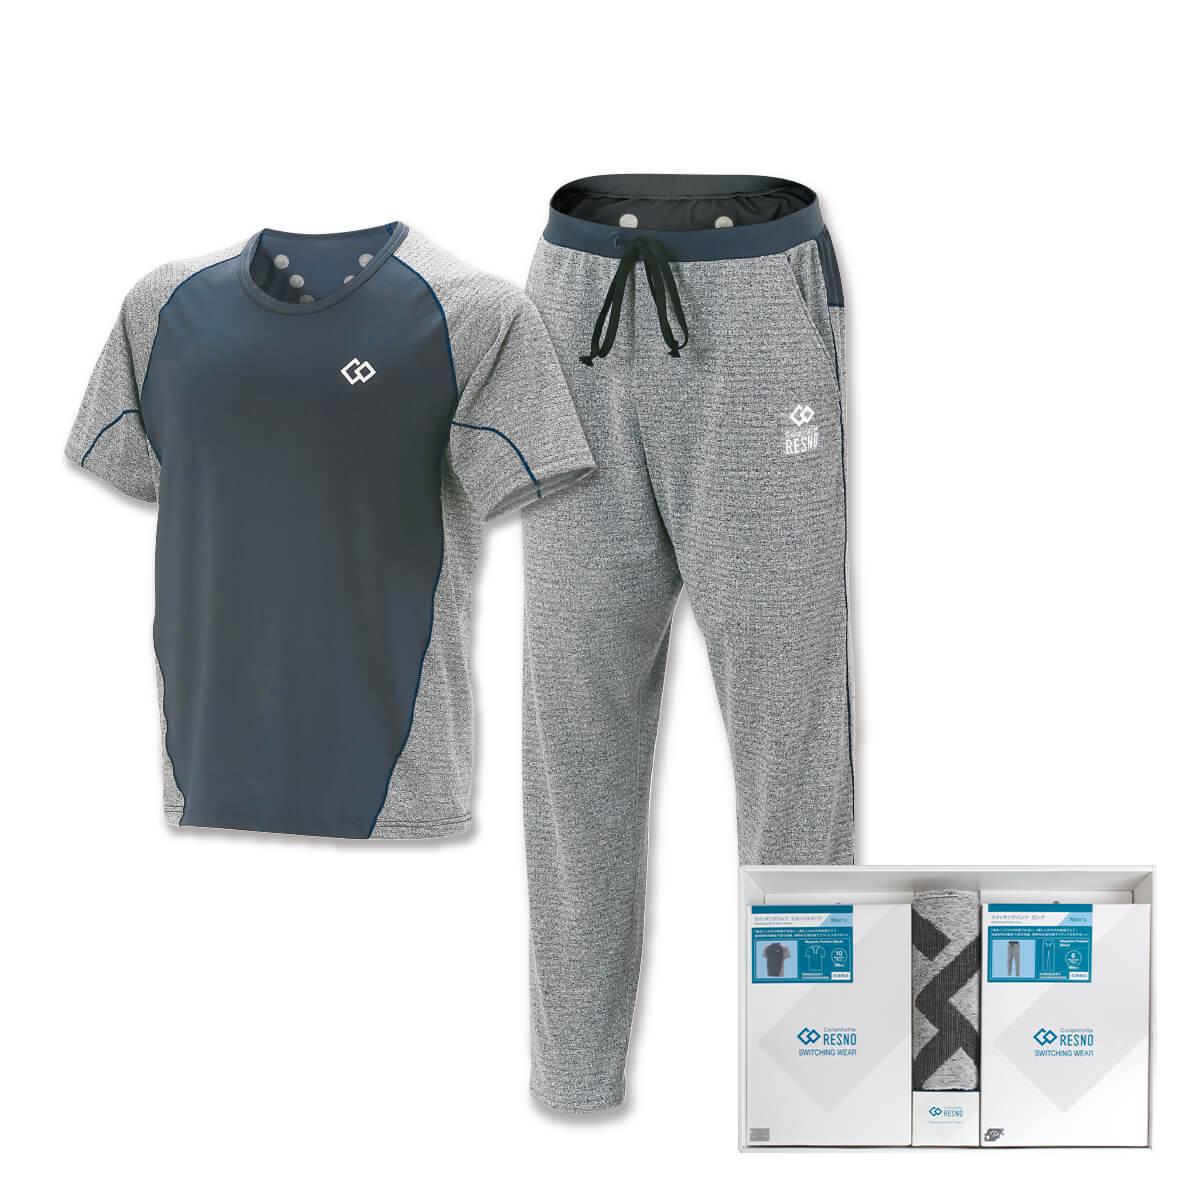 コラントッテRESNO スイッチングシャツ & パンツセット MEN'S(ショート × ロング)